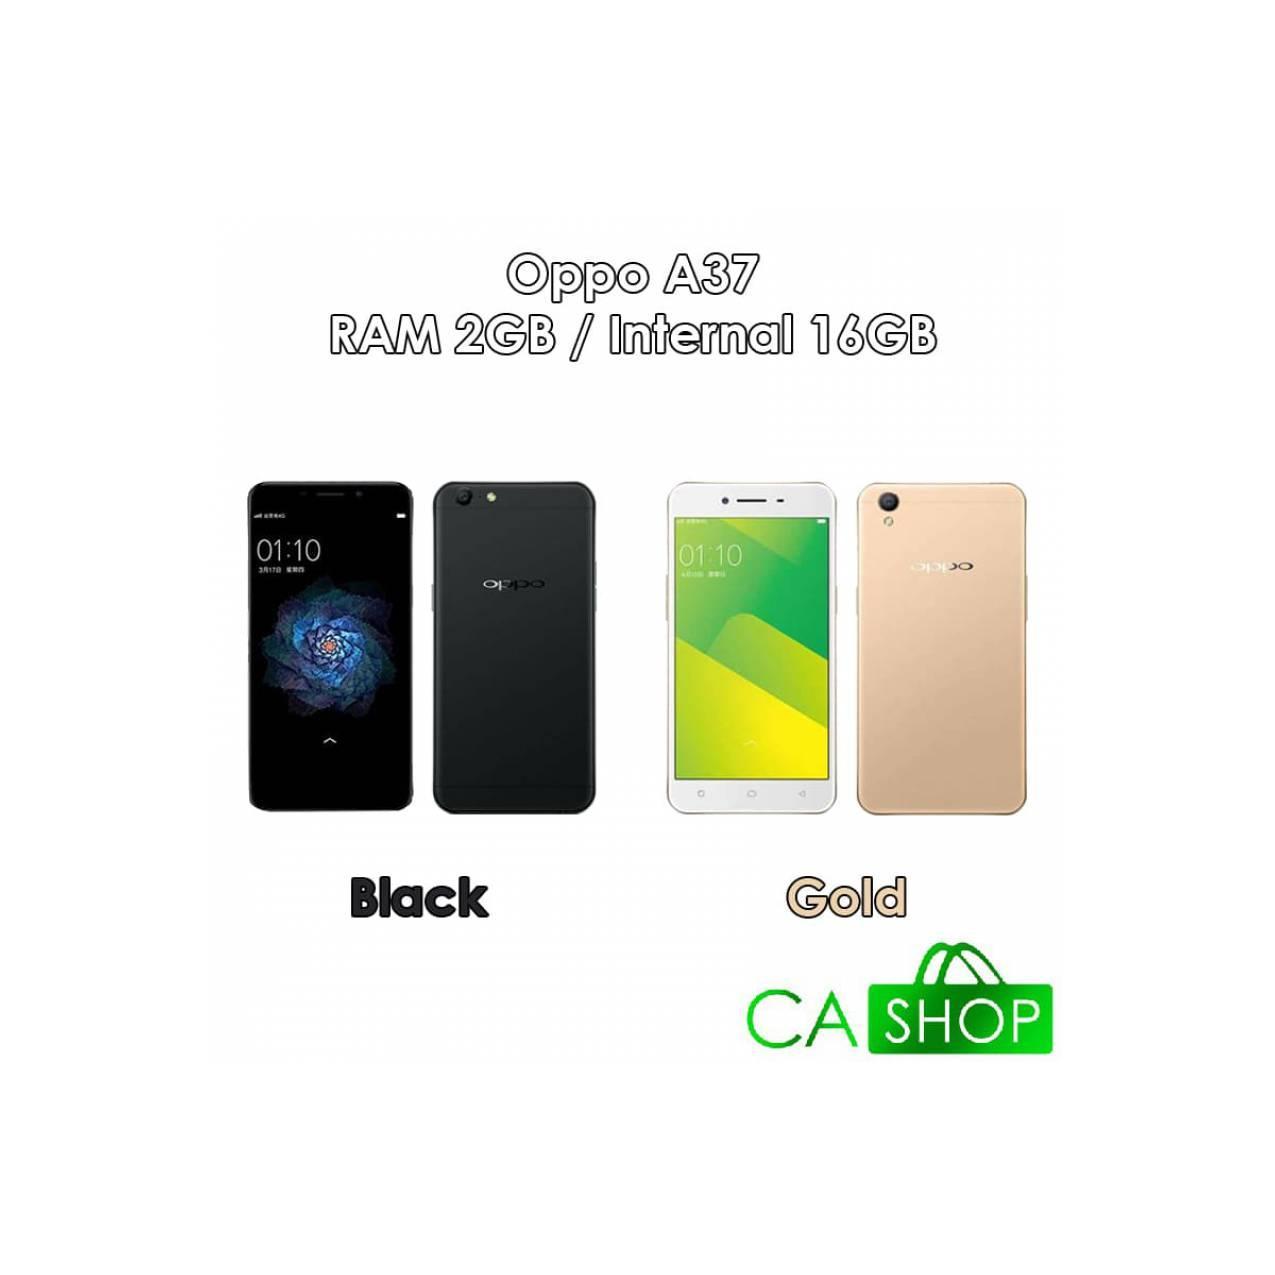 Oppo A37 16gb Gold Garansi Resmi Daftar Harga Terlengkap Indonesia Ter Se Bukalapak Neo 9 4g Lte Pusat Handphone Ready Dan Rosegold 2 16 Baru New Hitam